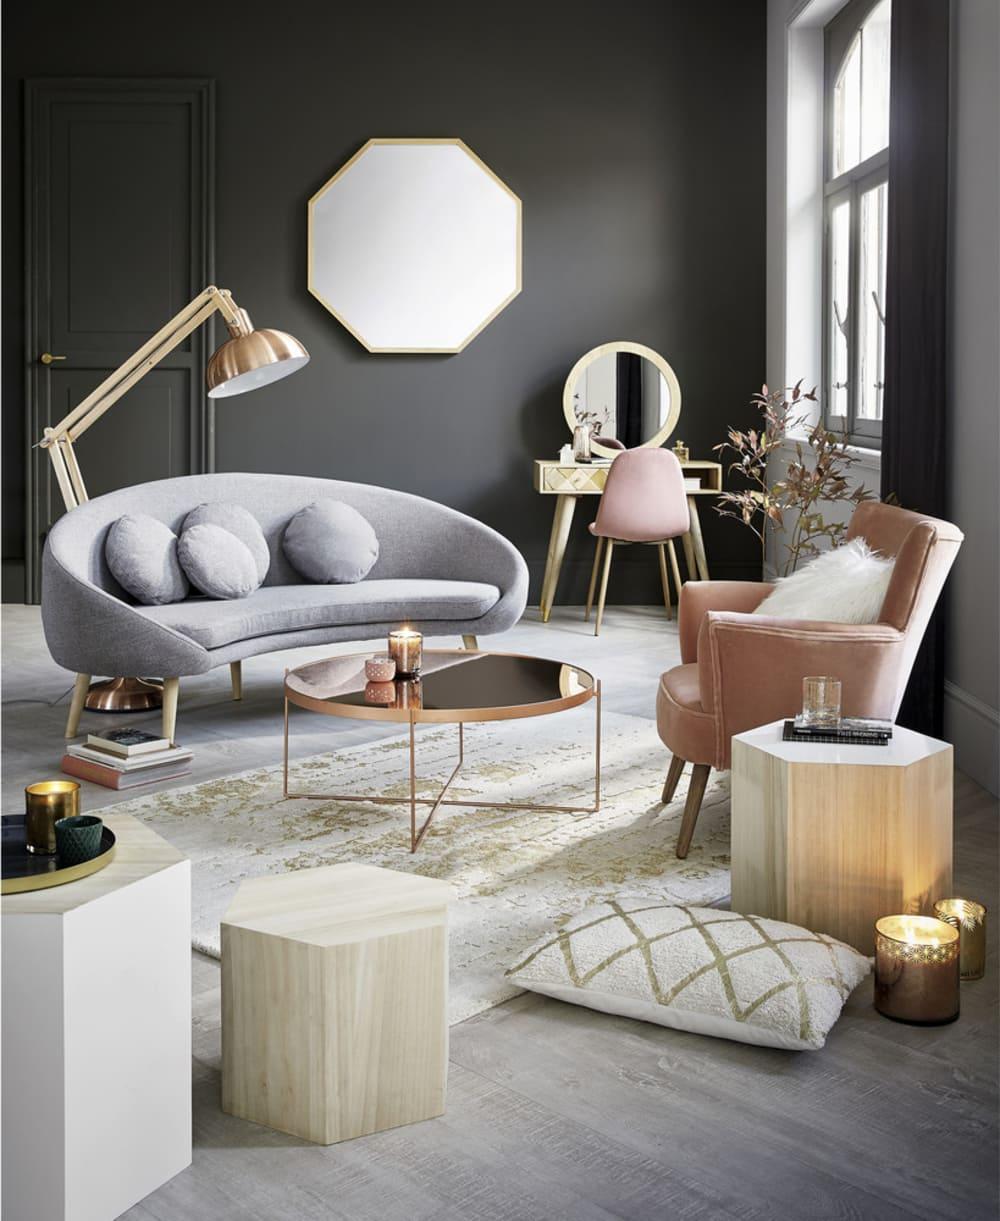 table basse ronde avec miroir en m tal cuivr com te maisons du monde. Black Bedroom Furniture Sets. Home Design Ideas